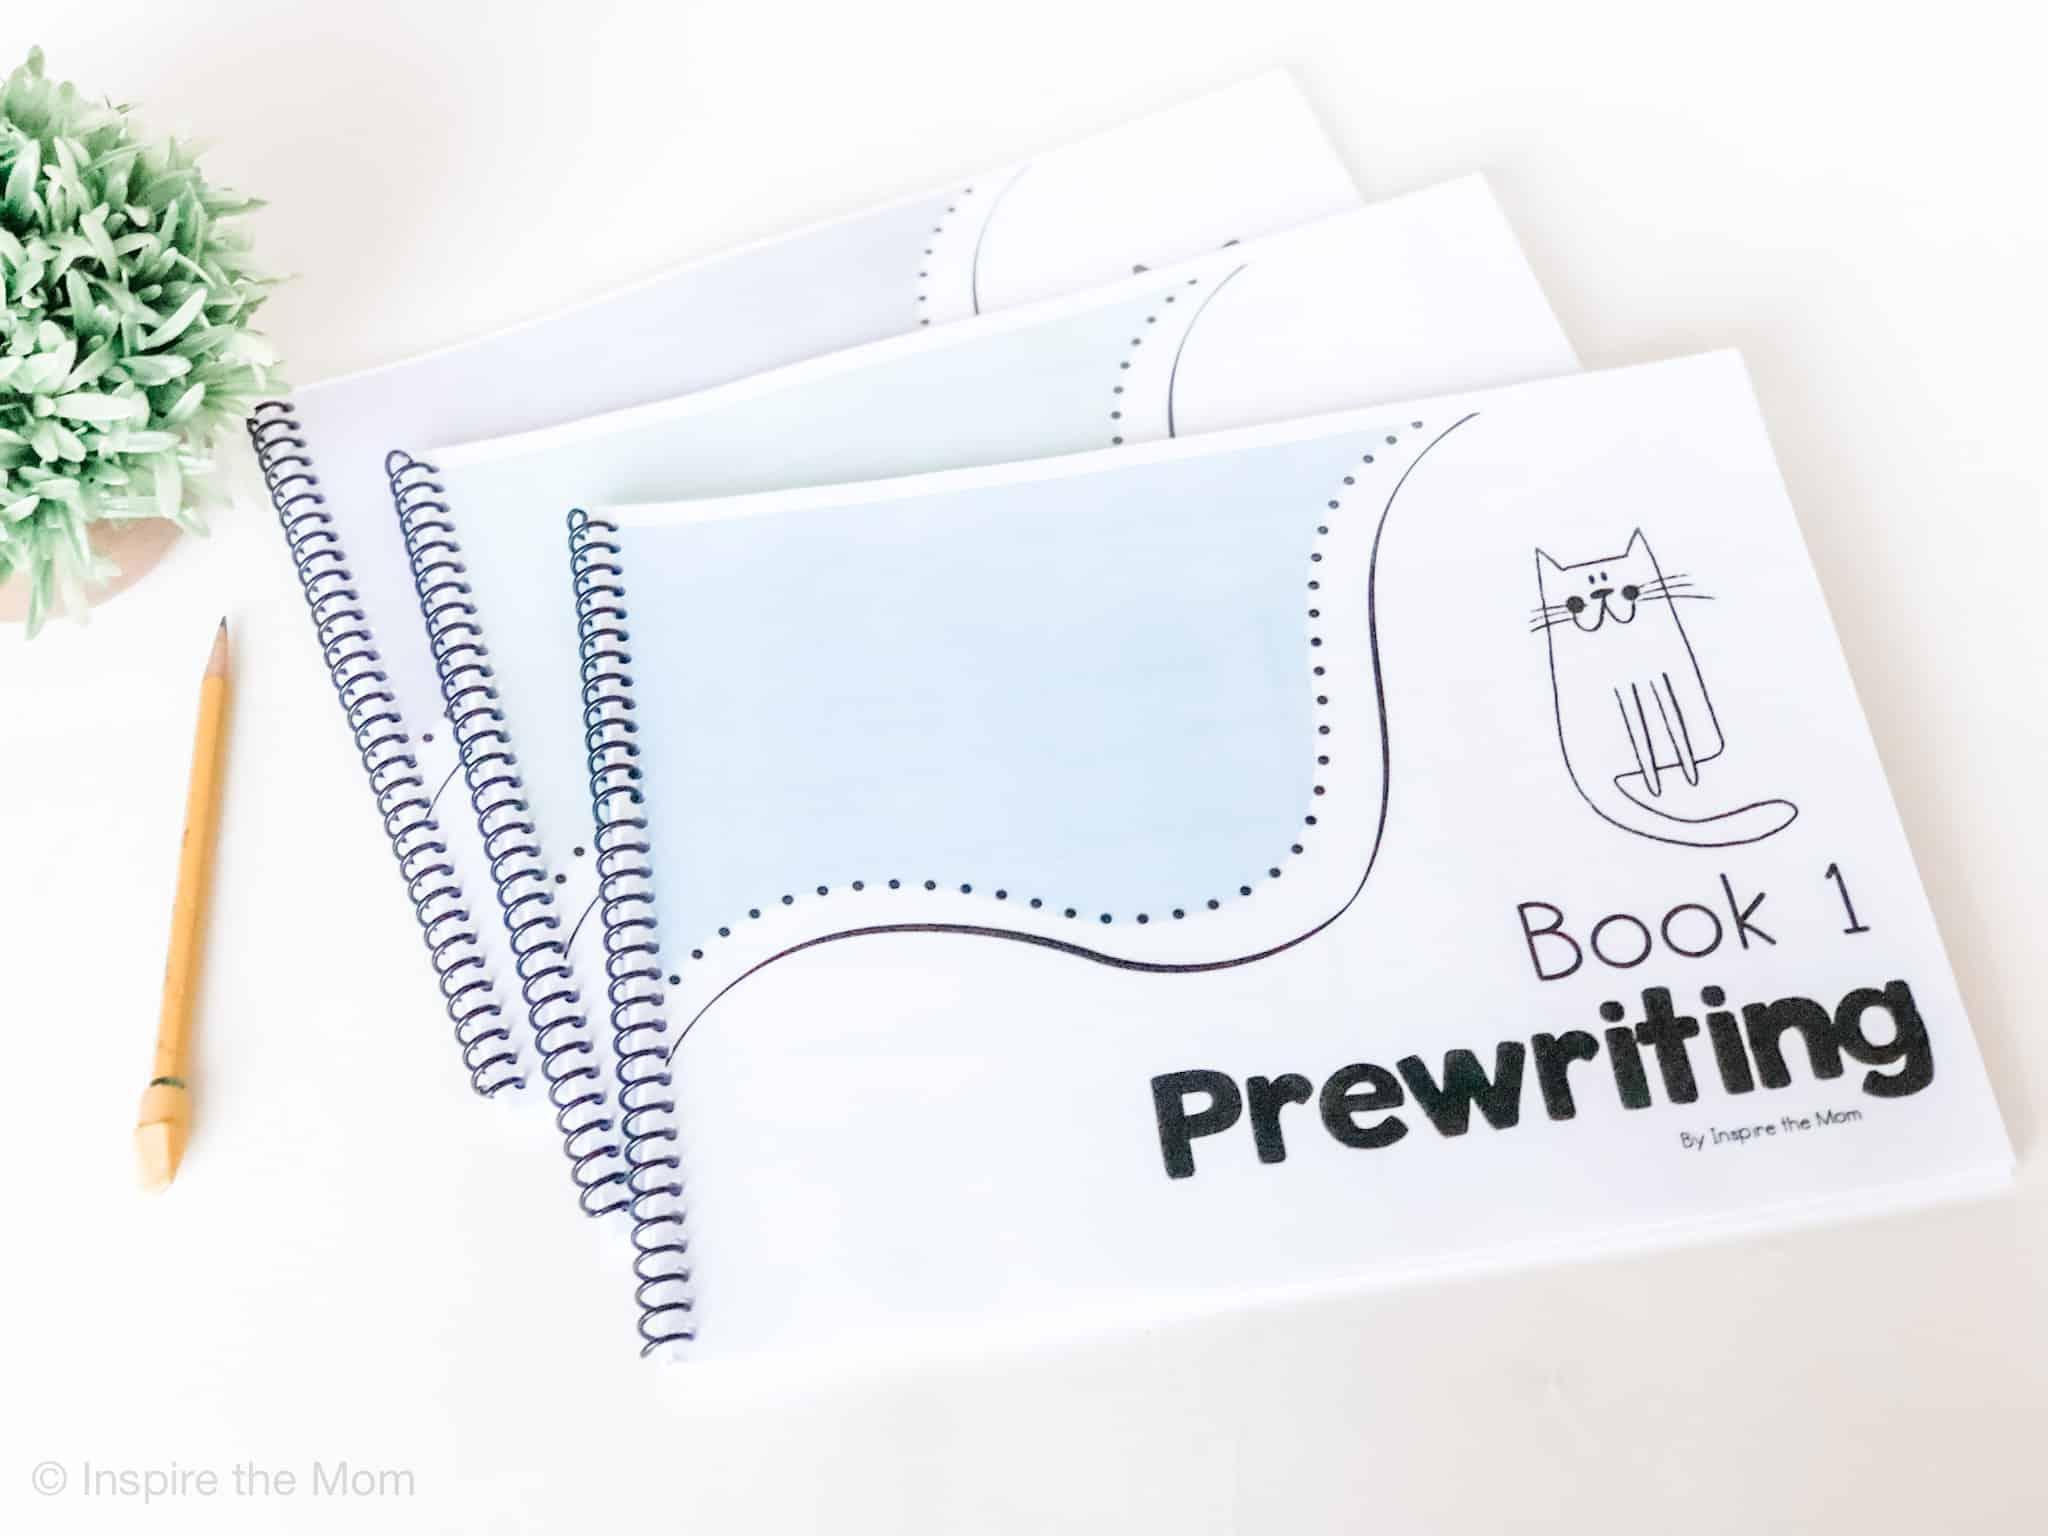 preschool prewriting curriculum book